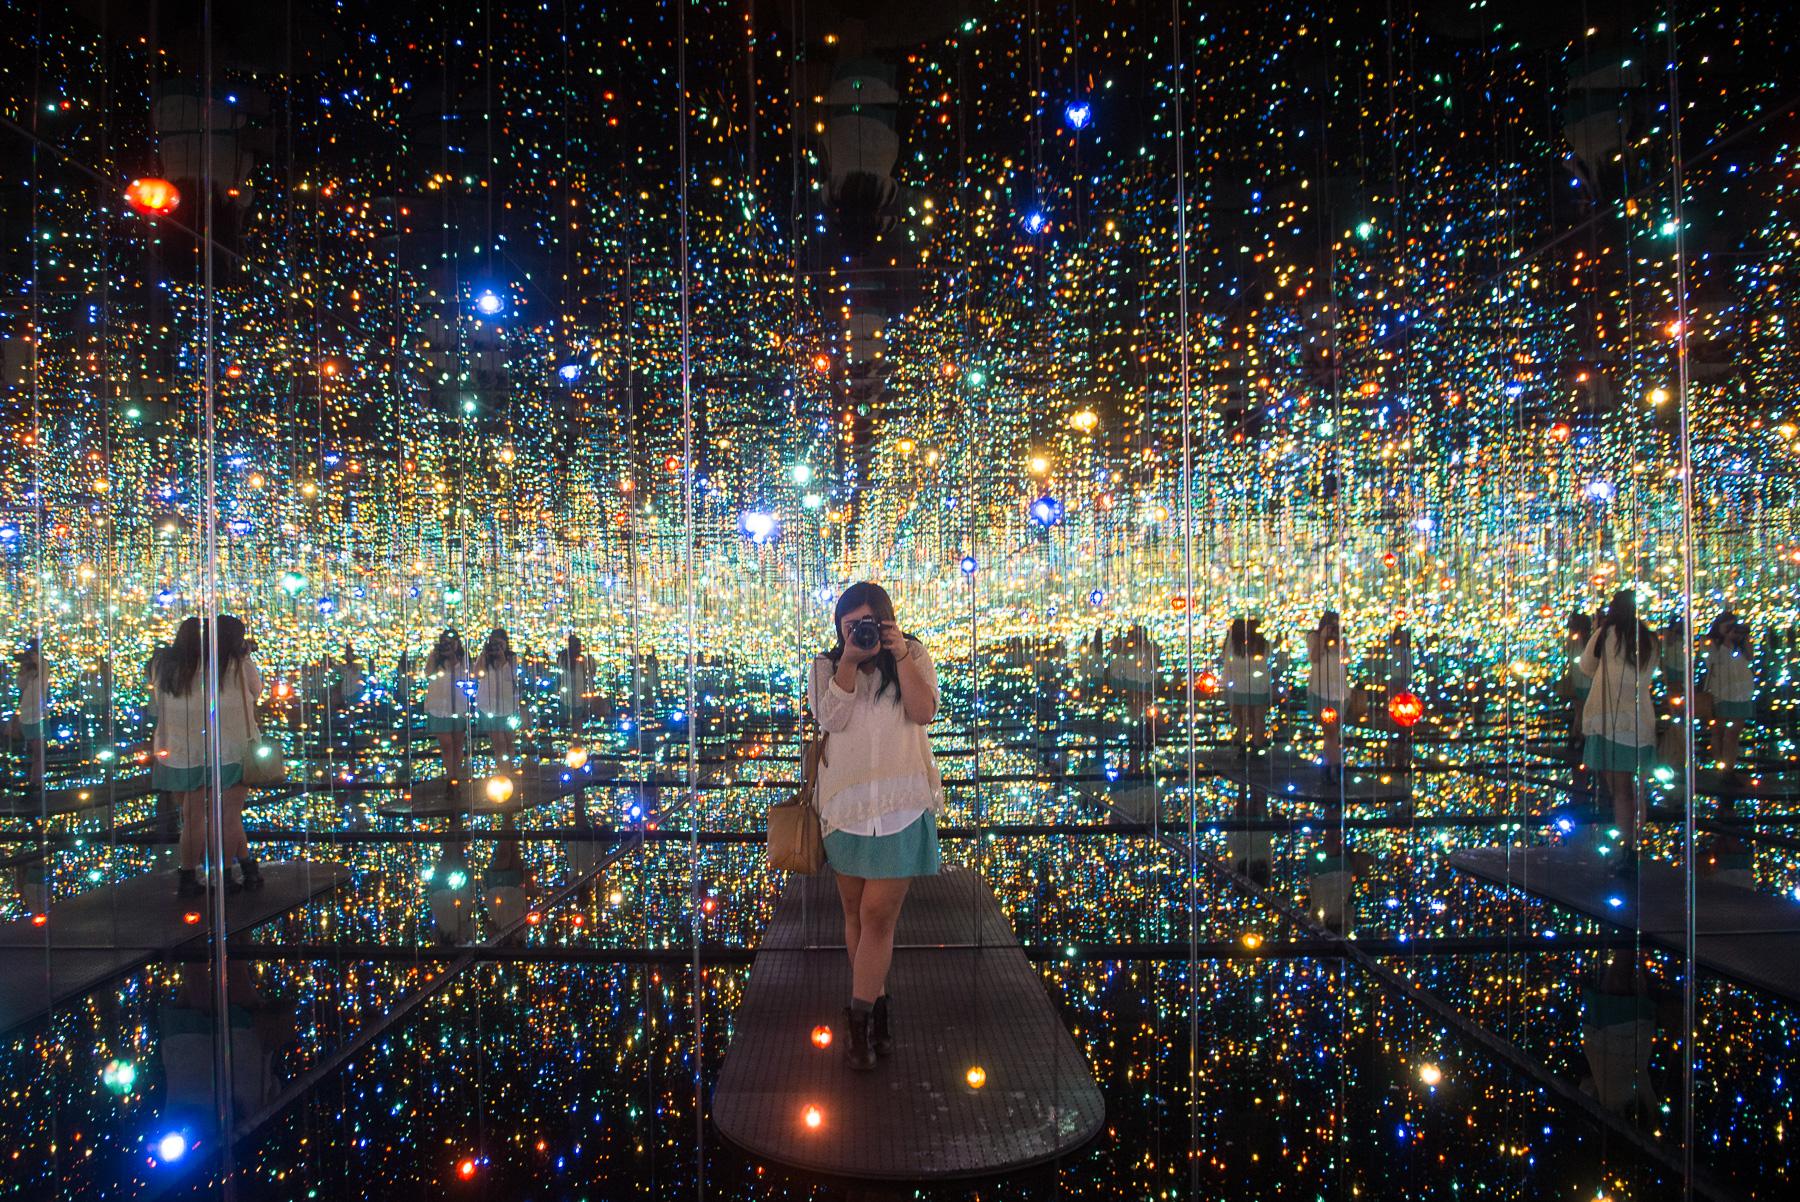 Yayoi Kusama's 'Infinite Mirrored Room' - The Souls of Millions of Light Years Away